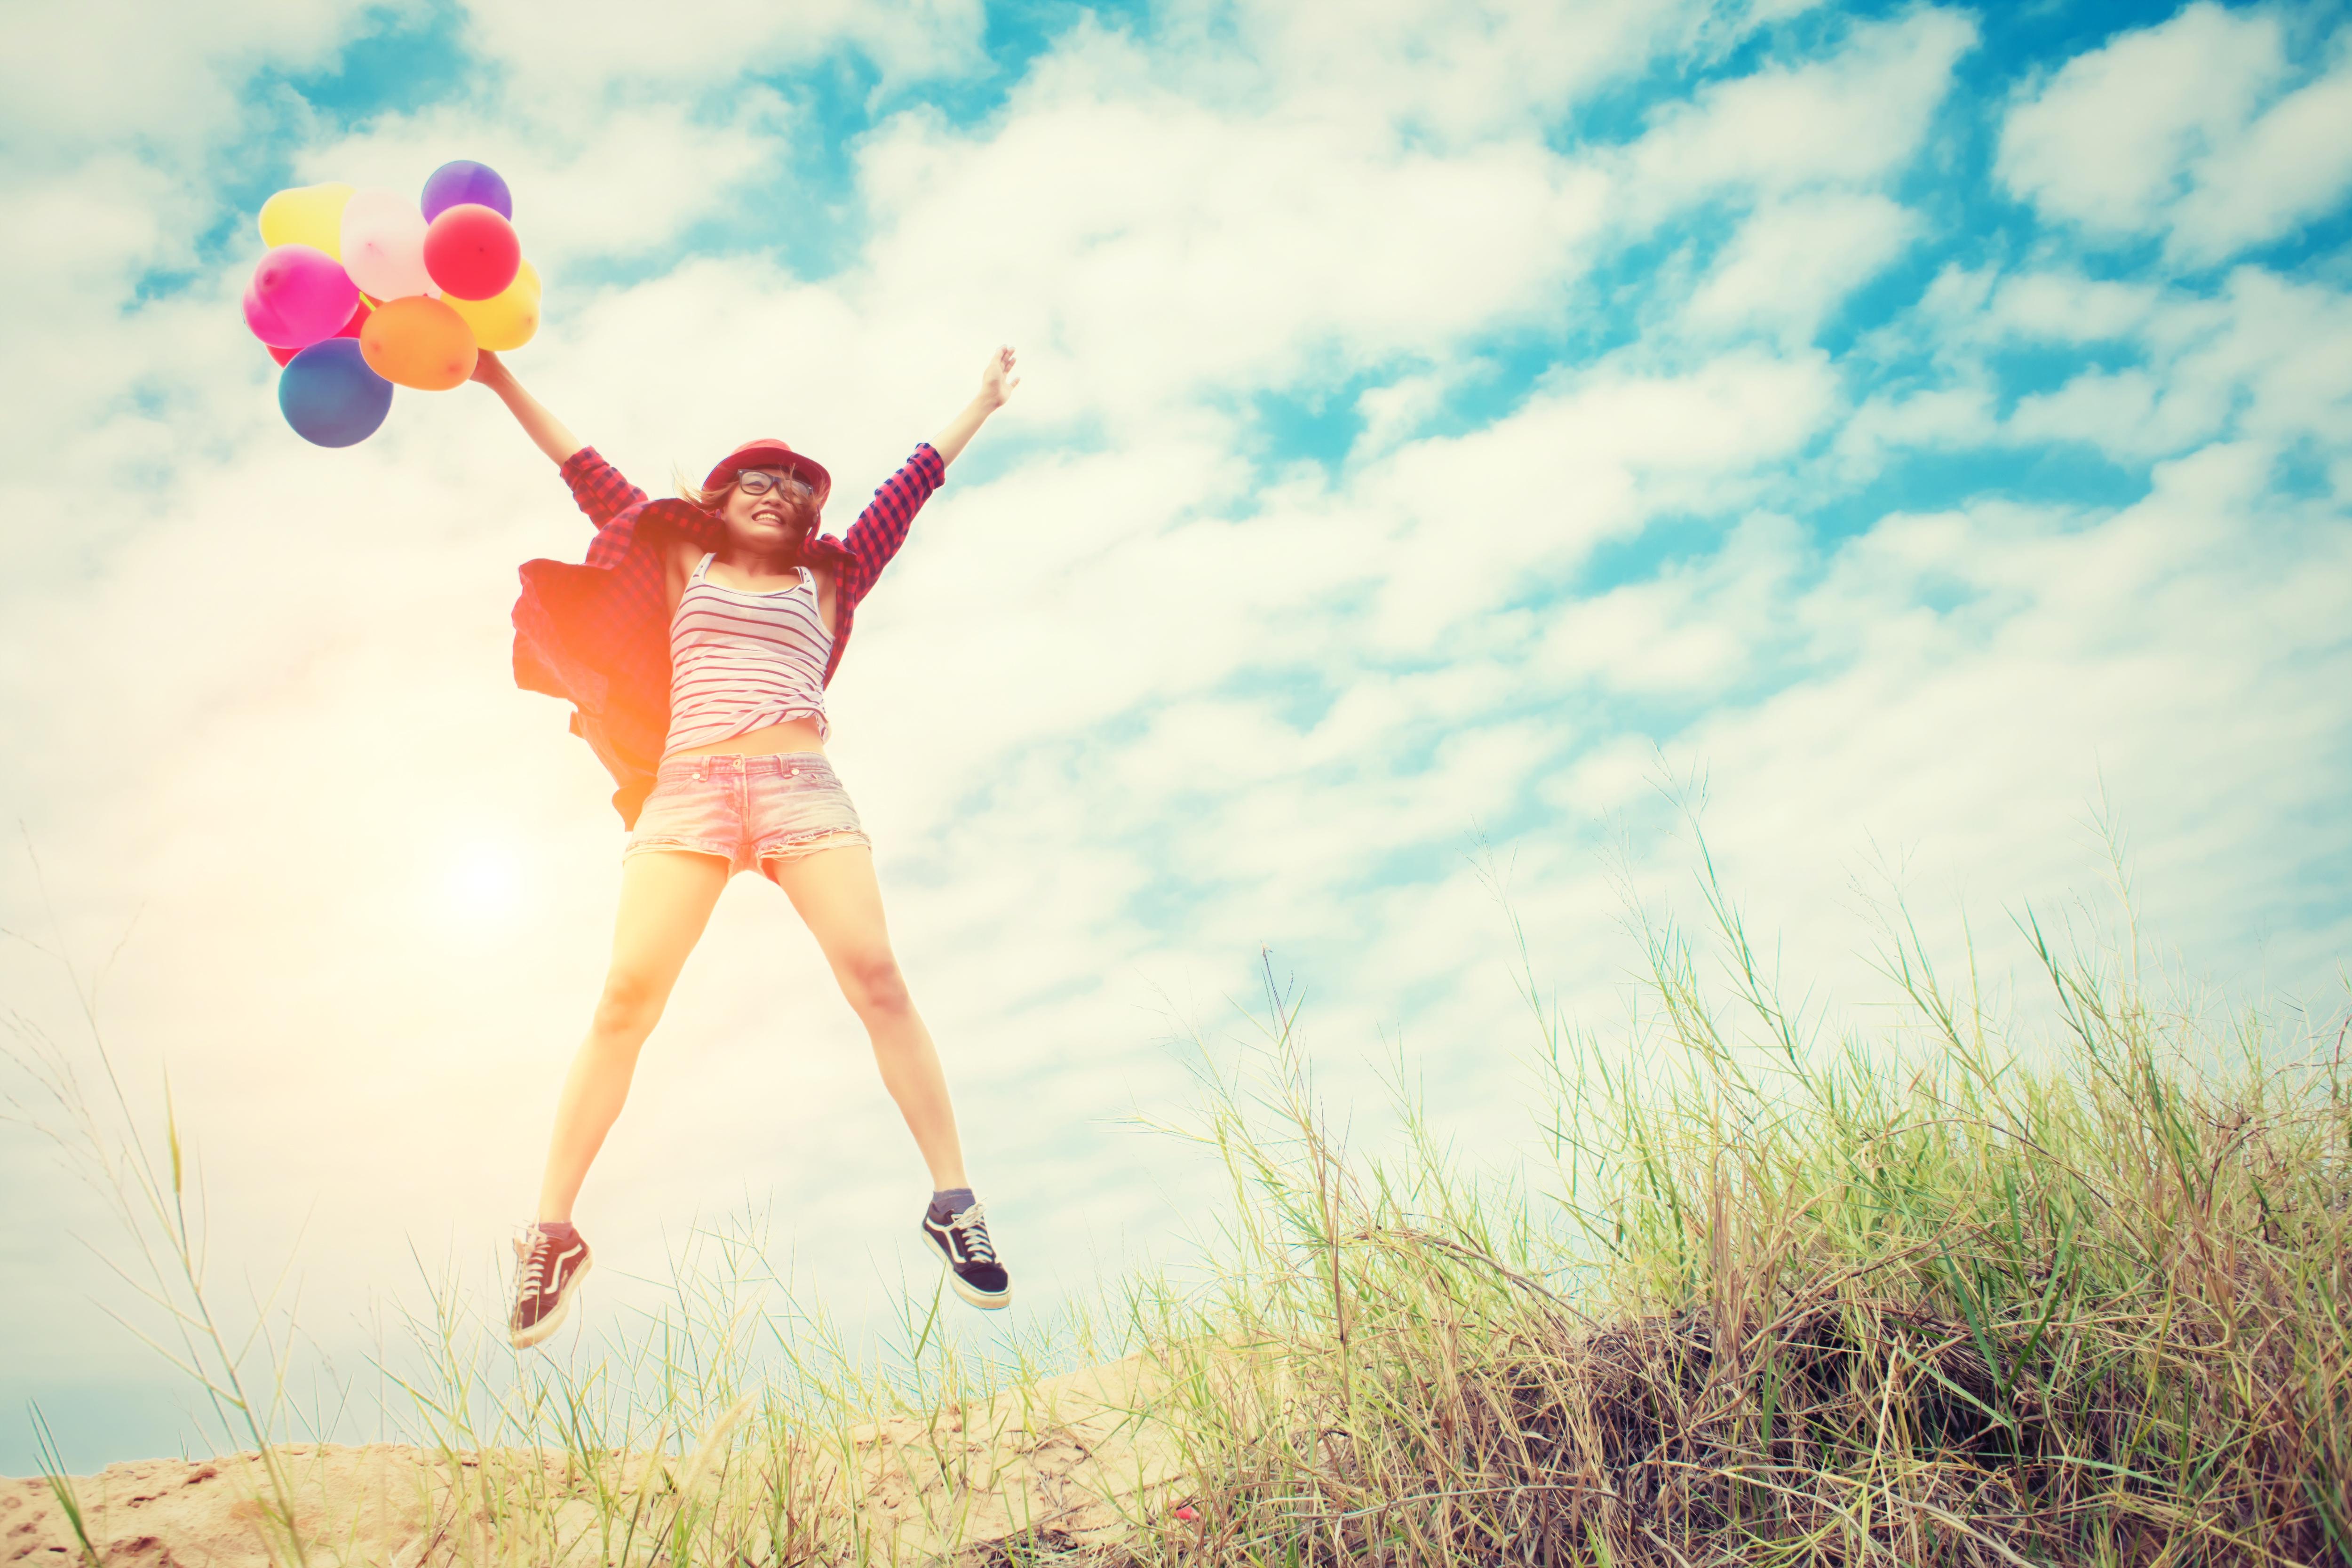 Ofrece entretenimiento para vender tu producto blog de - Energias positivas en las personas ...